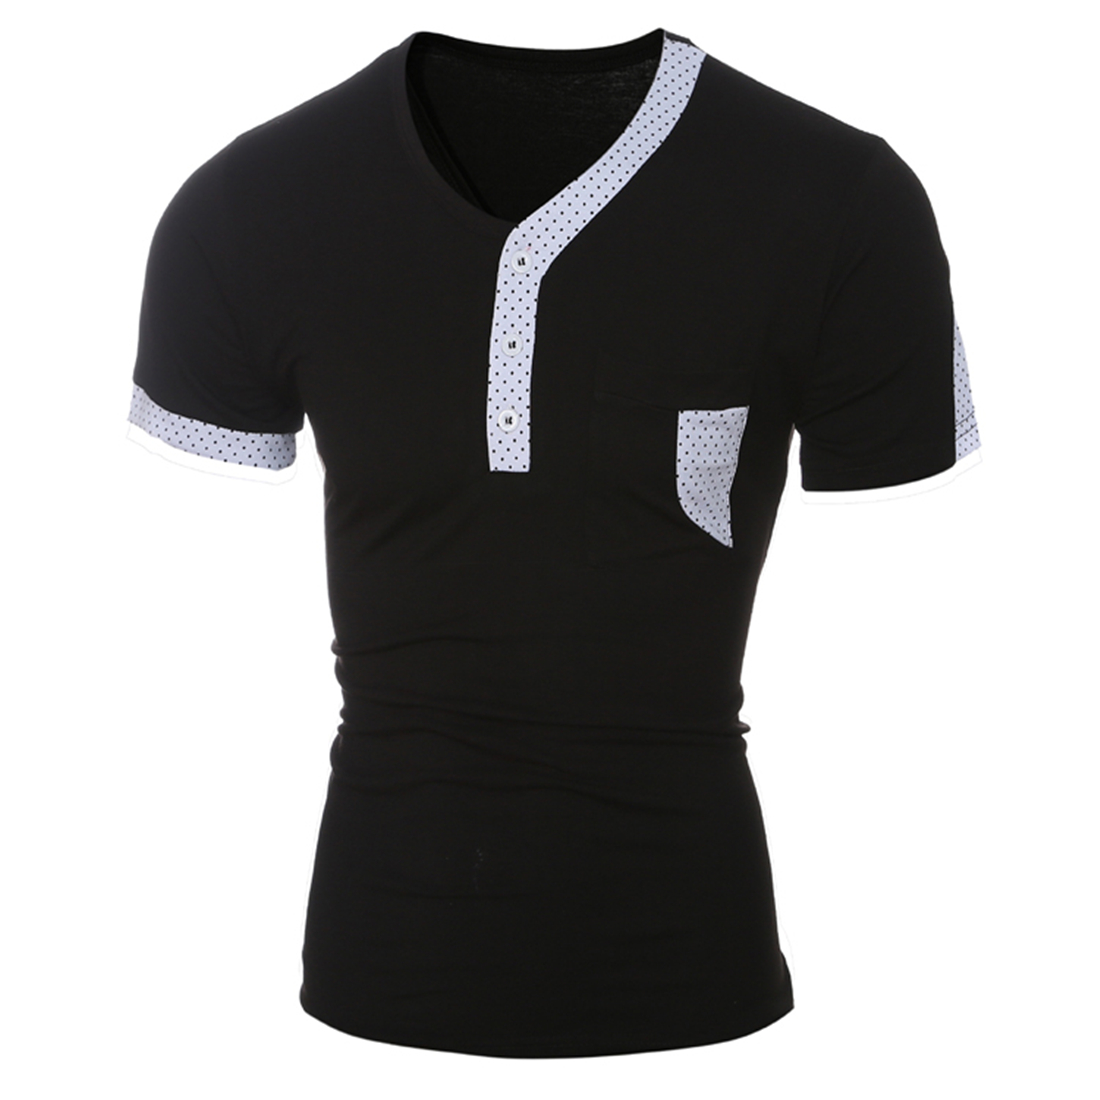 Black Short Sleeve Button Up Shirt Mens